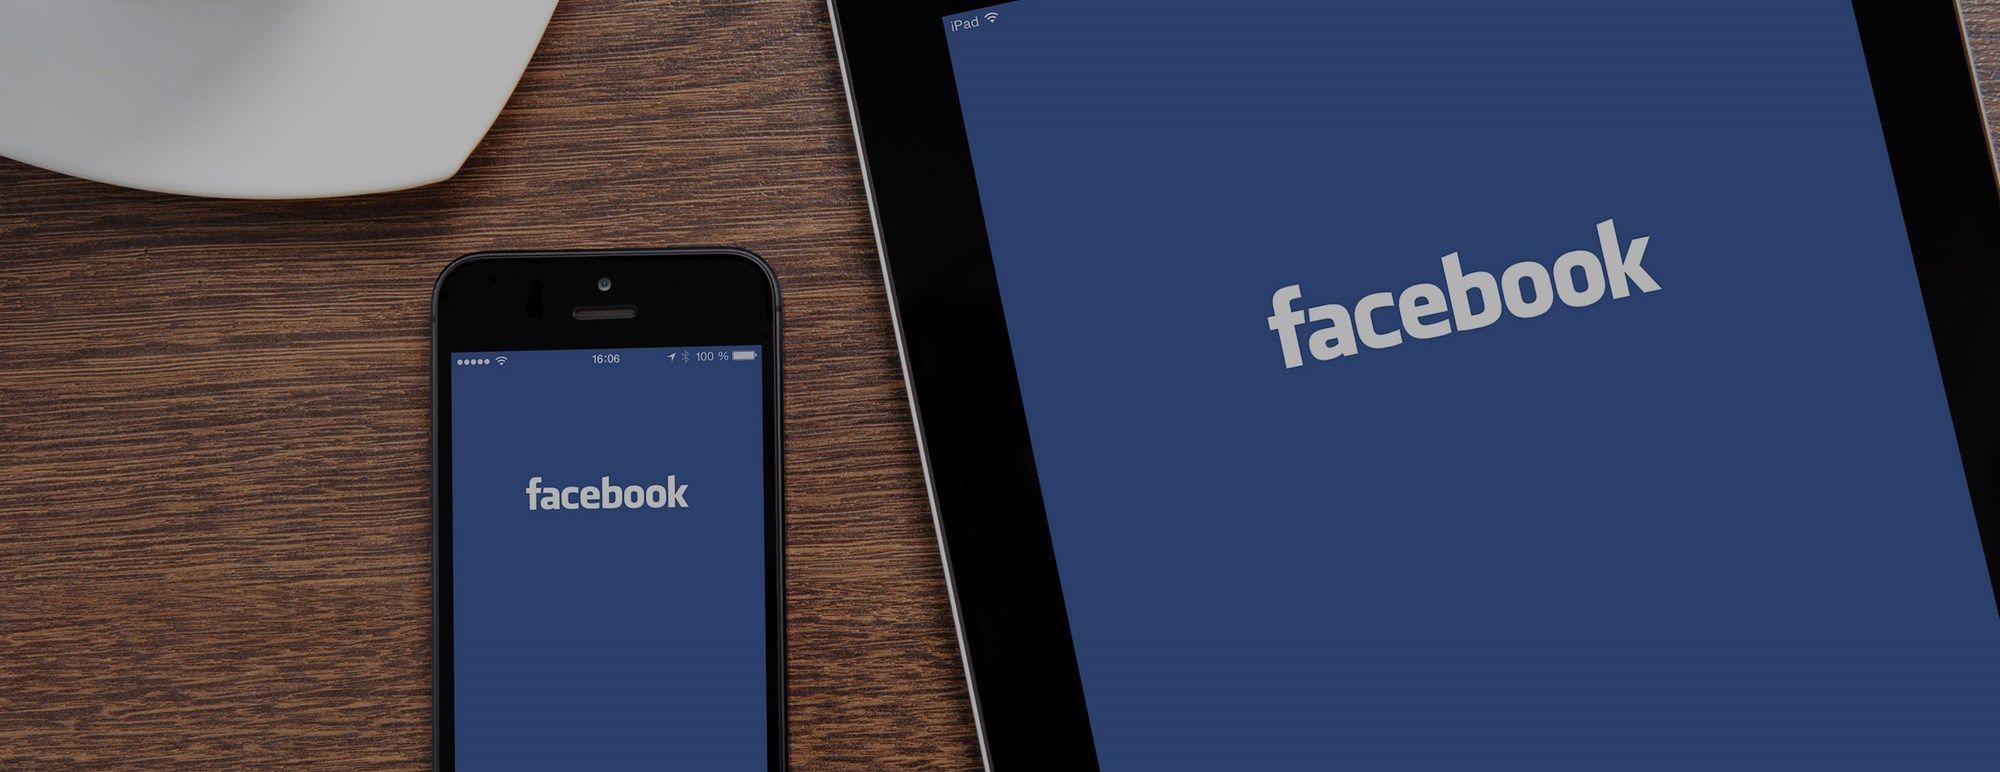 Social Media Applications, Malta Europe | CasaSoft